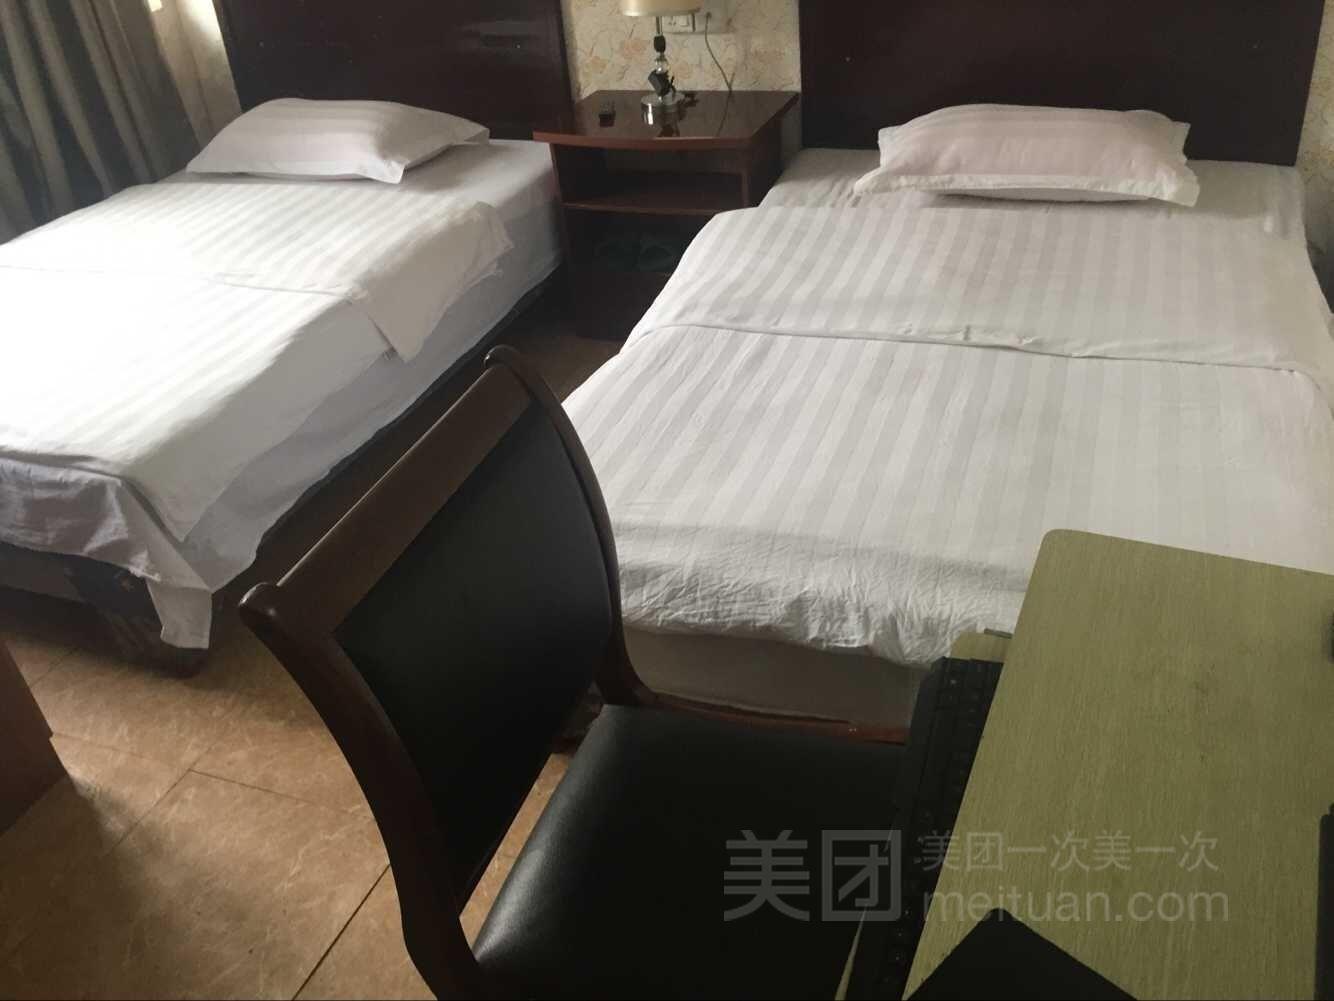 嘉玮宾馆预订/团购